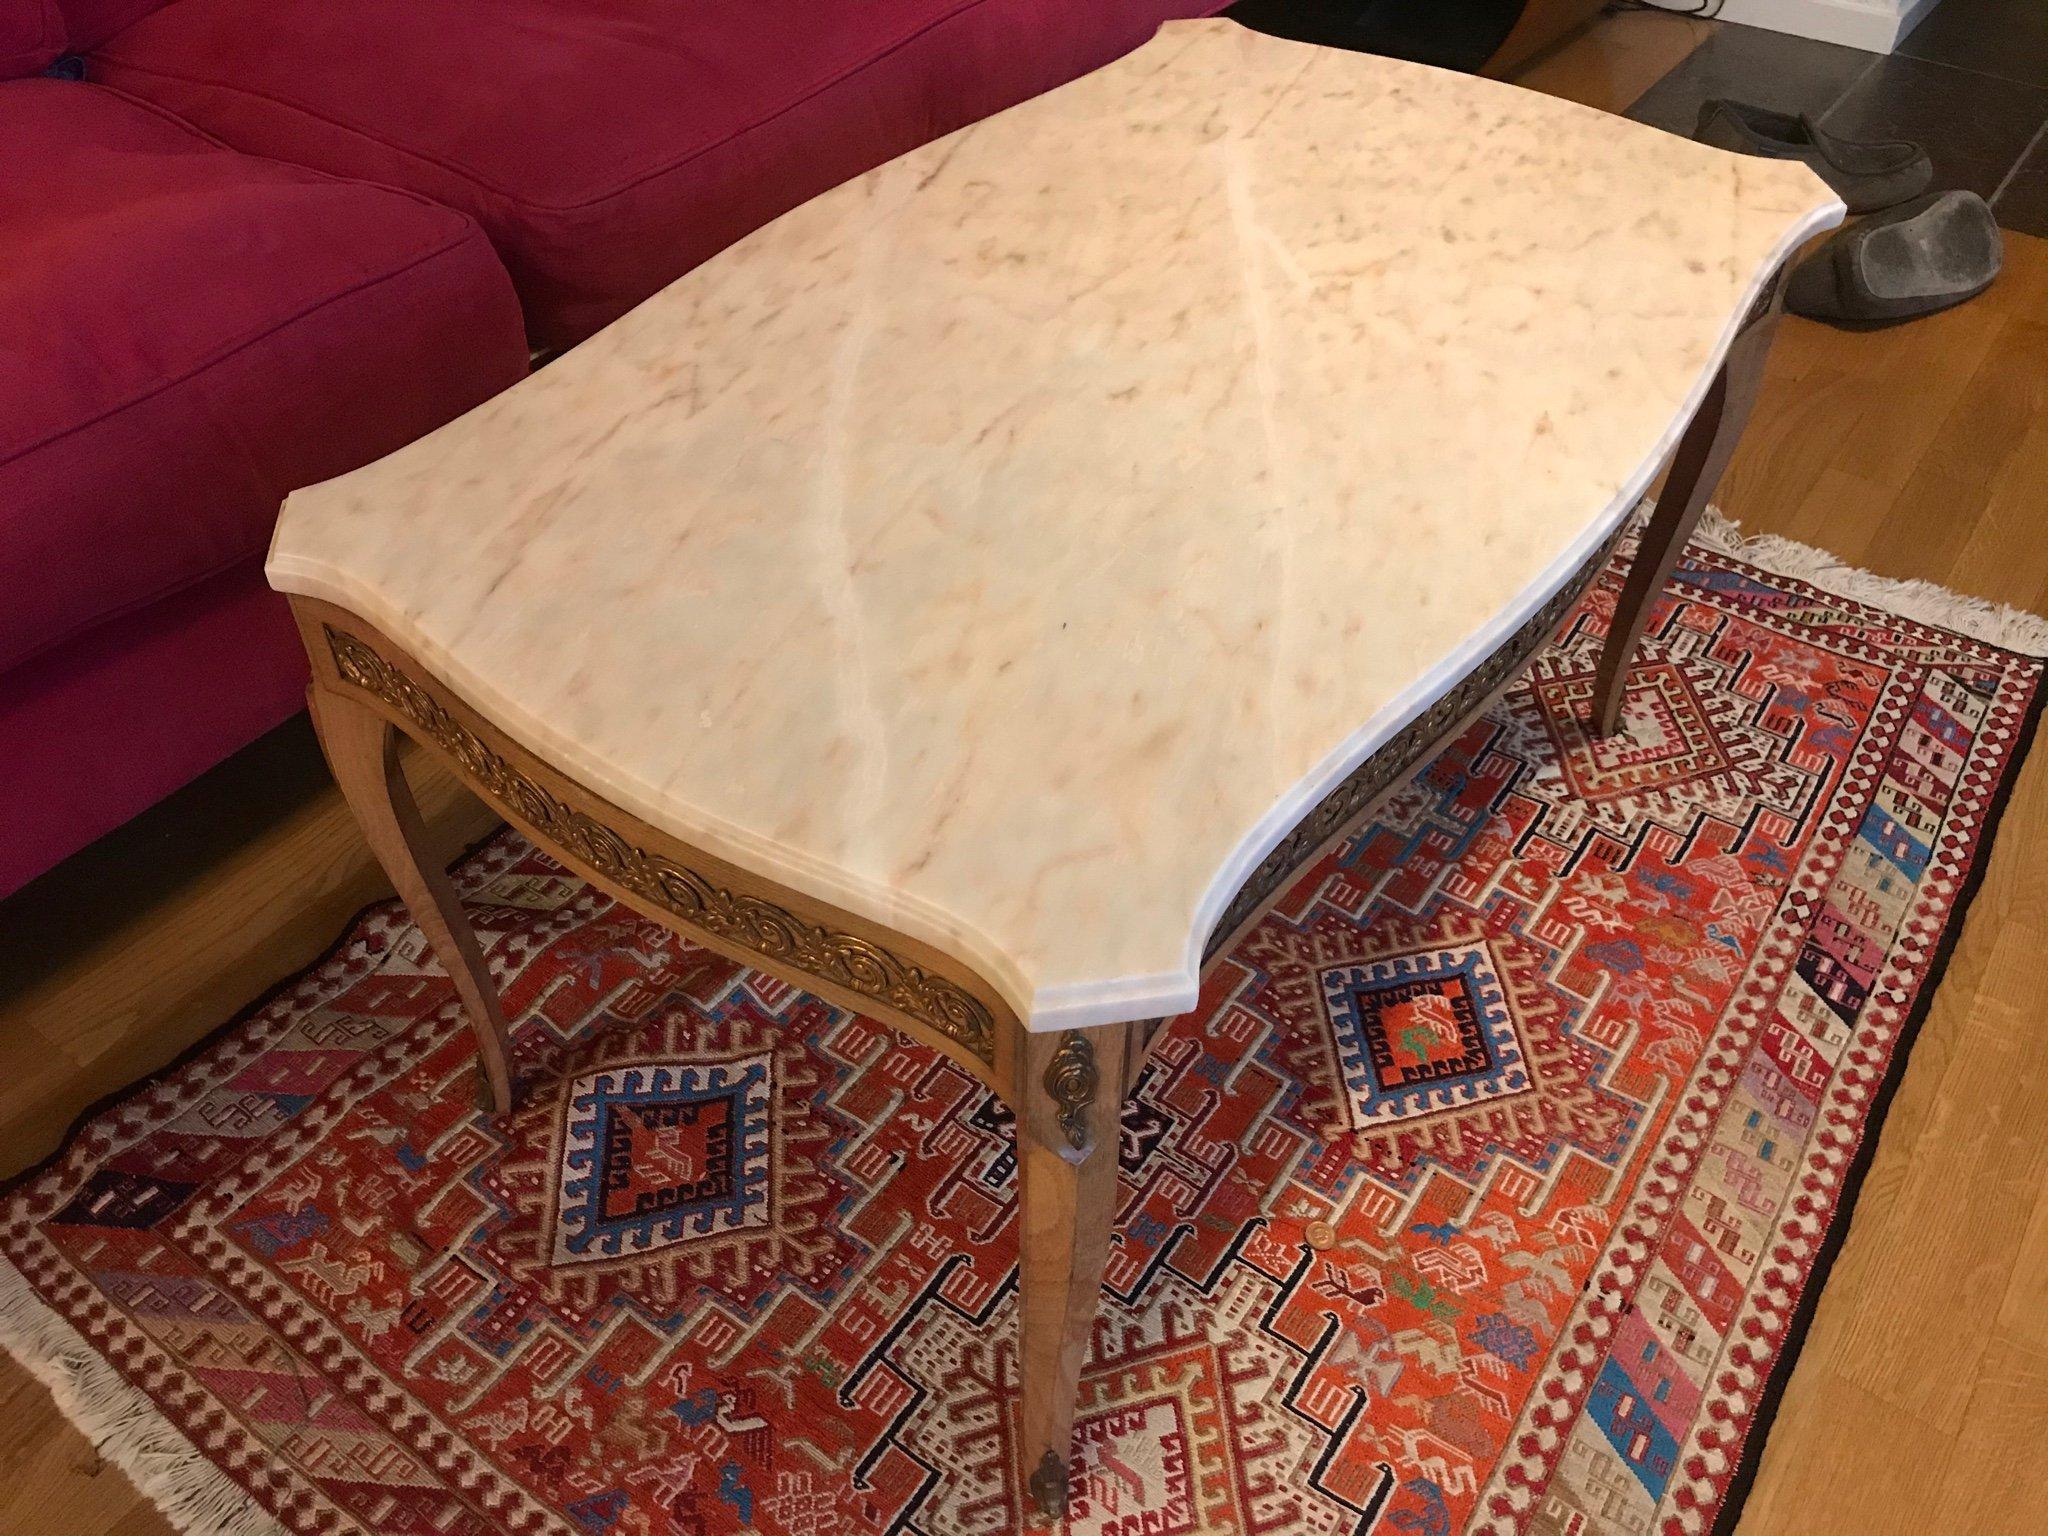 3 bord från 40 50 talet   Transport, Frakt, Flytt  